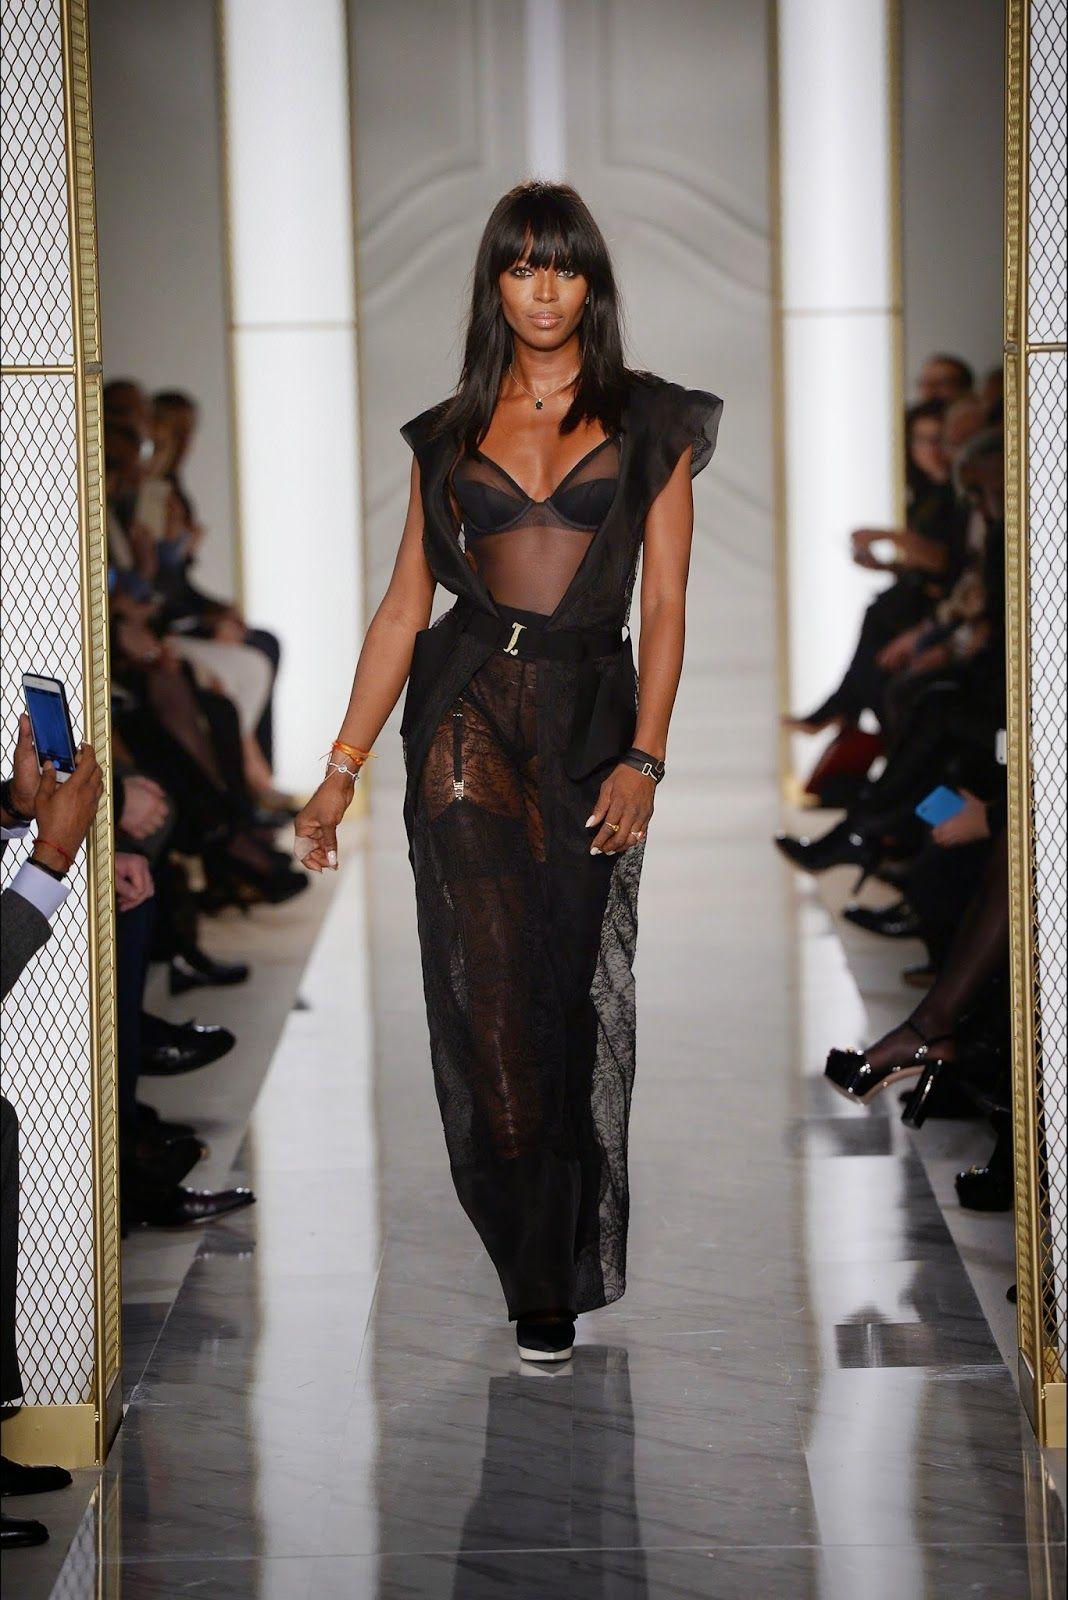 La Perla PFW Haute Couture SS15